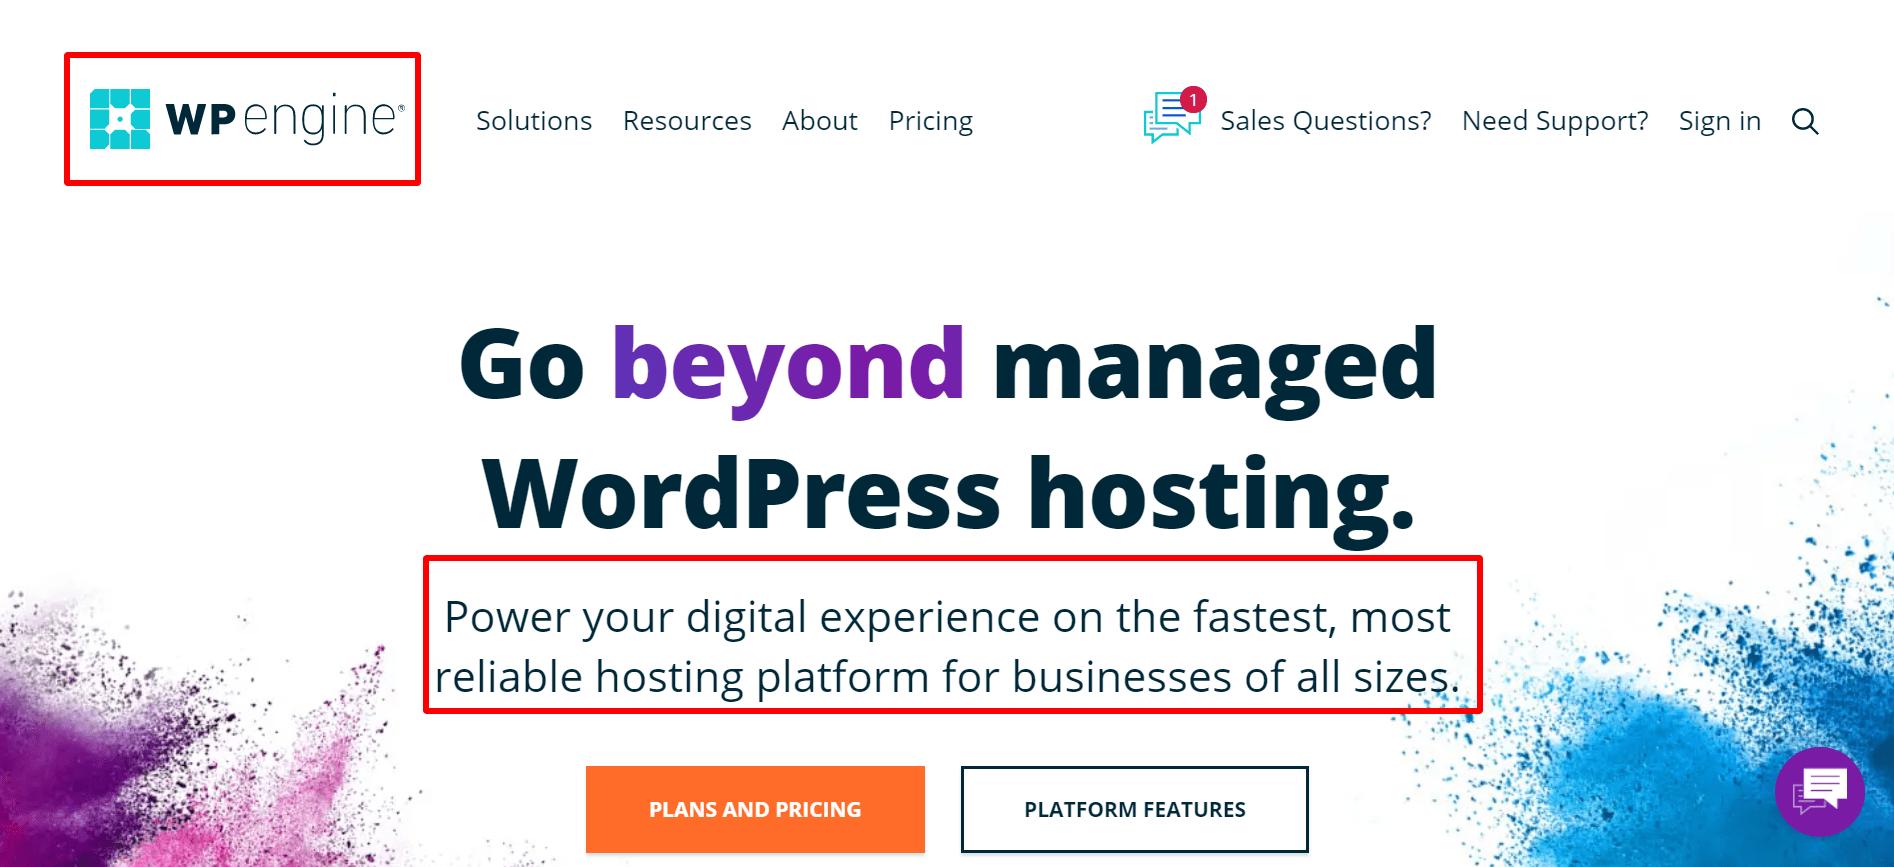 Managed-WordPress-Hosting-Perfected-WP-Engine®